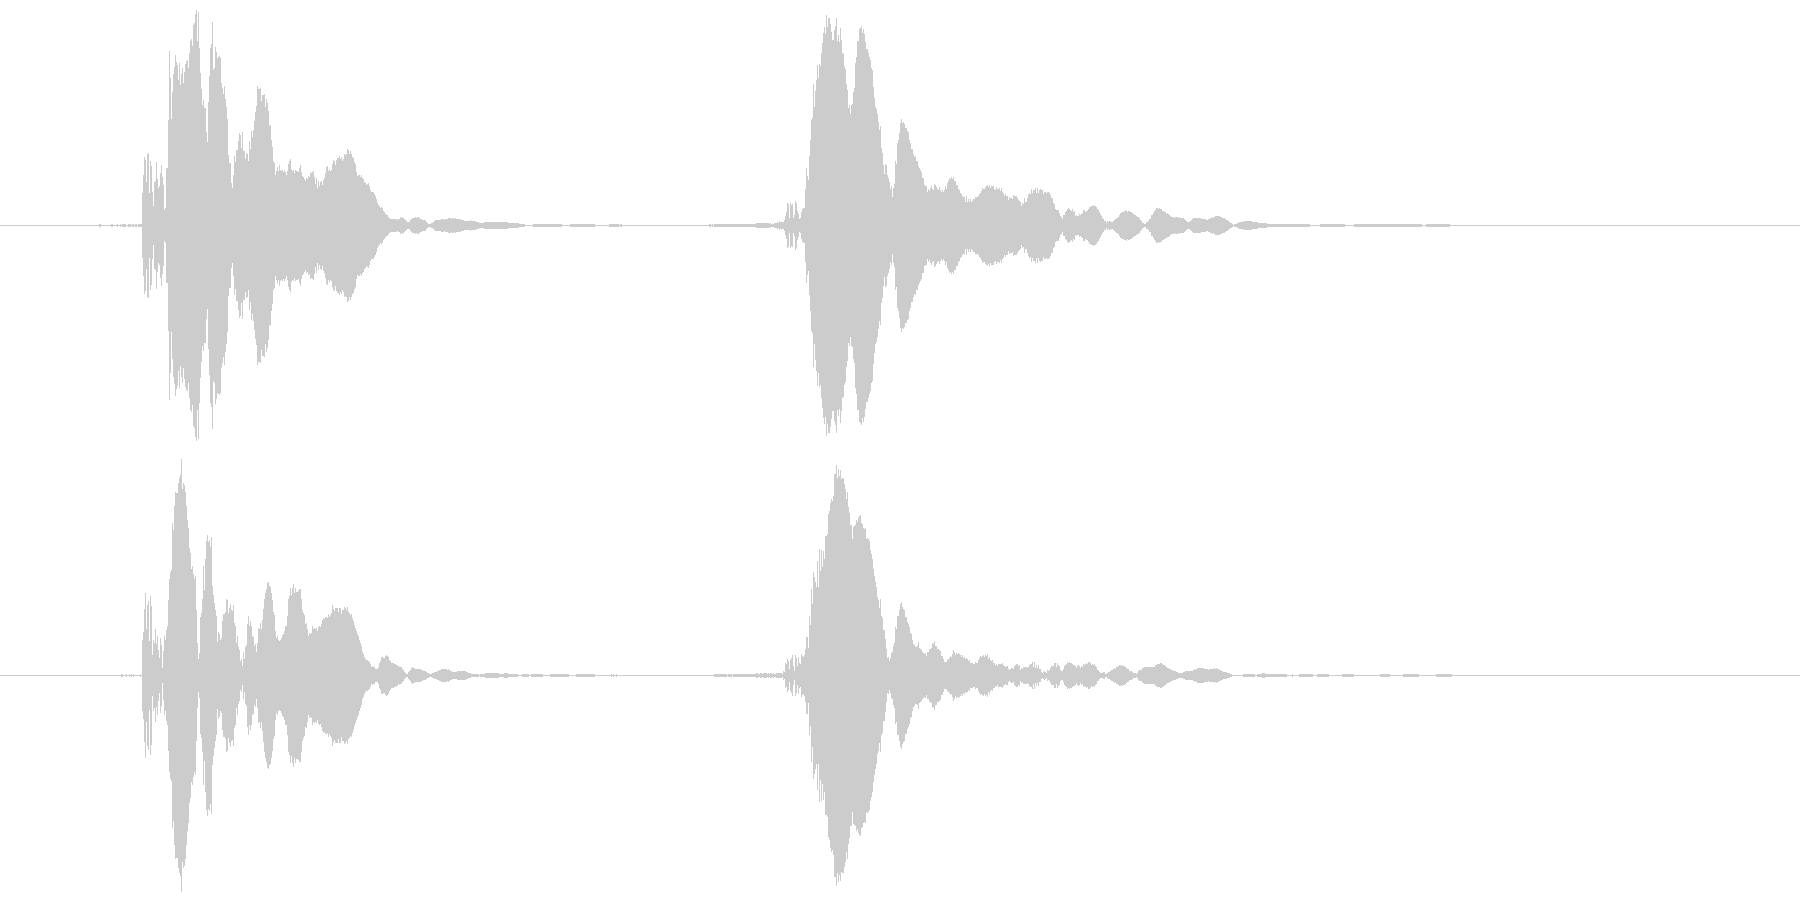 ピコピコハンマー ピコッ (高め)の未再生の波形